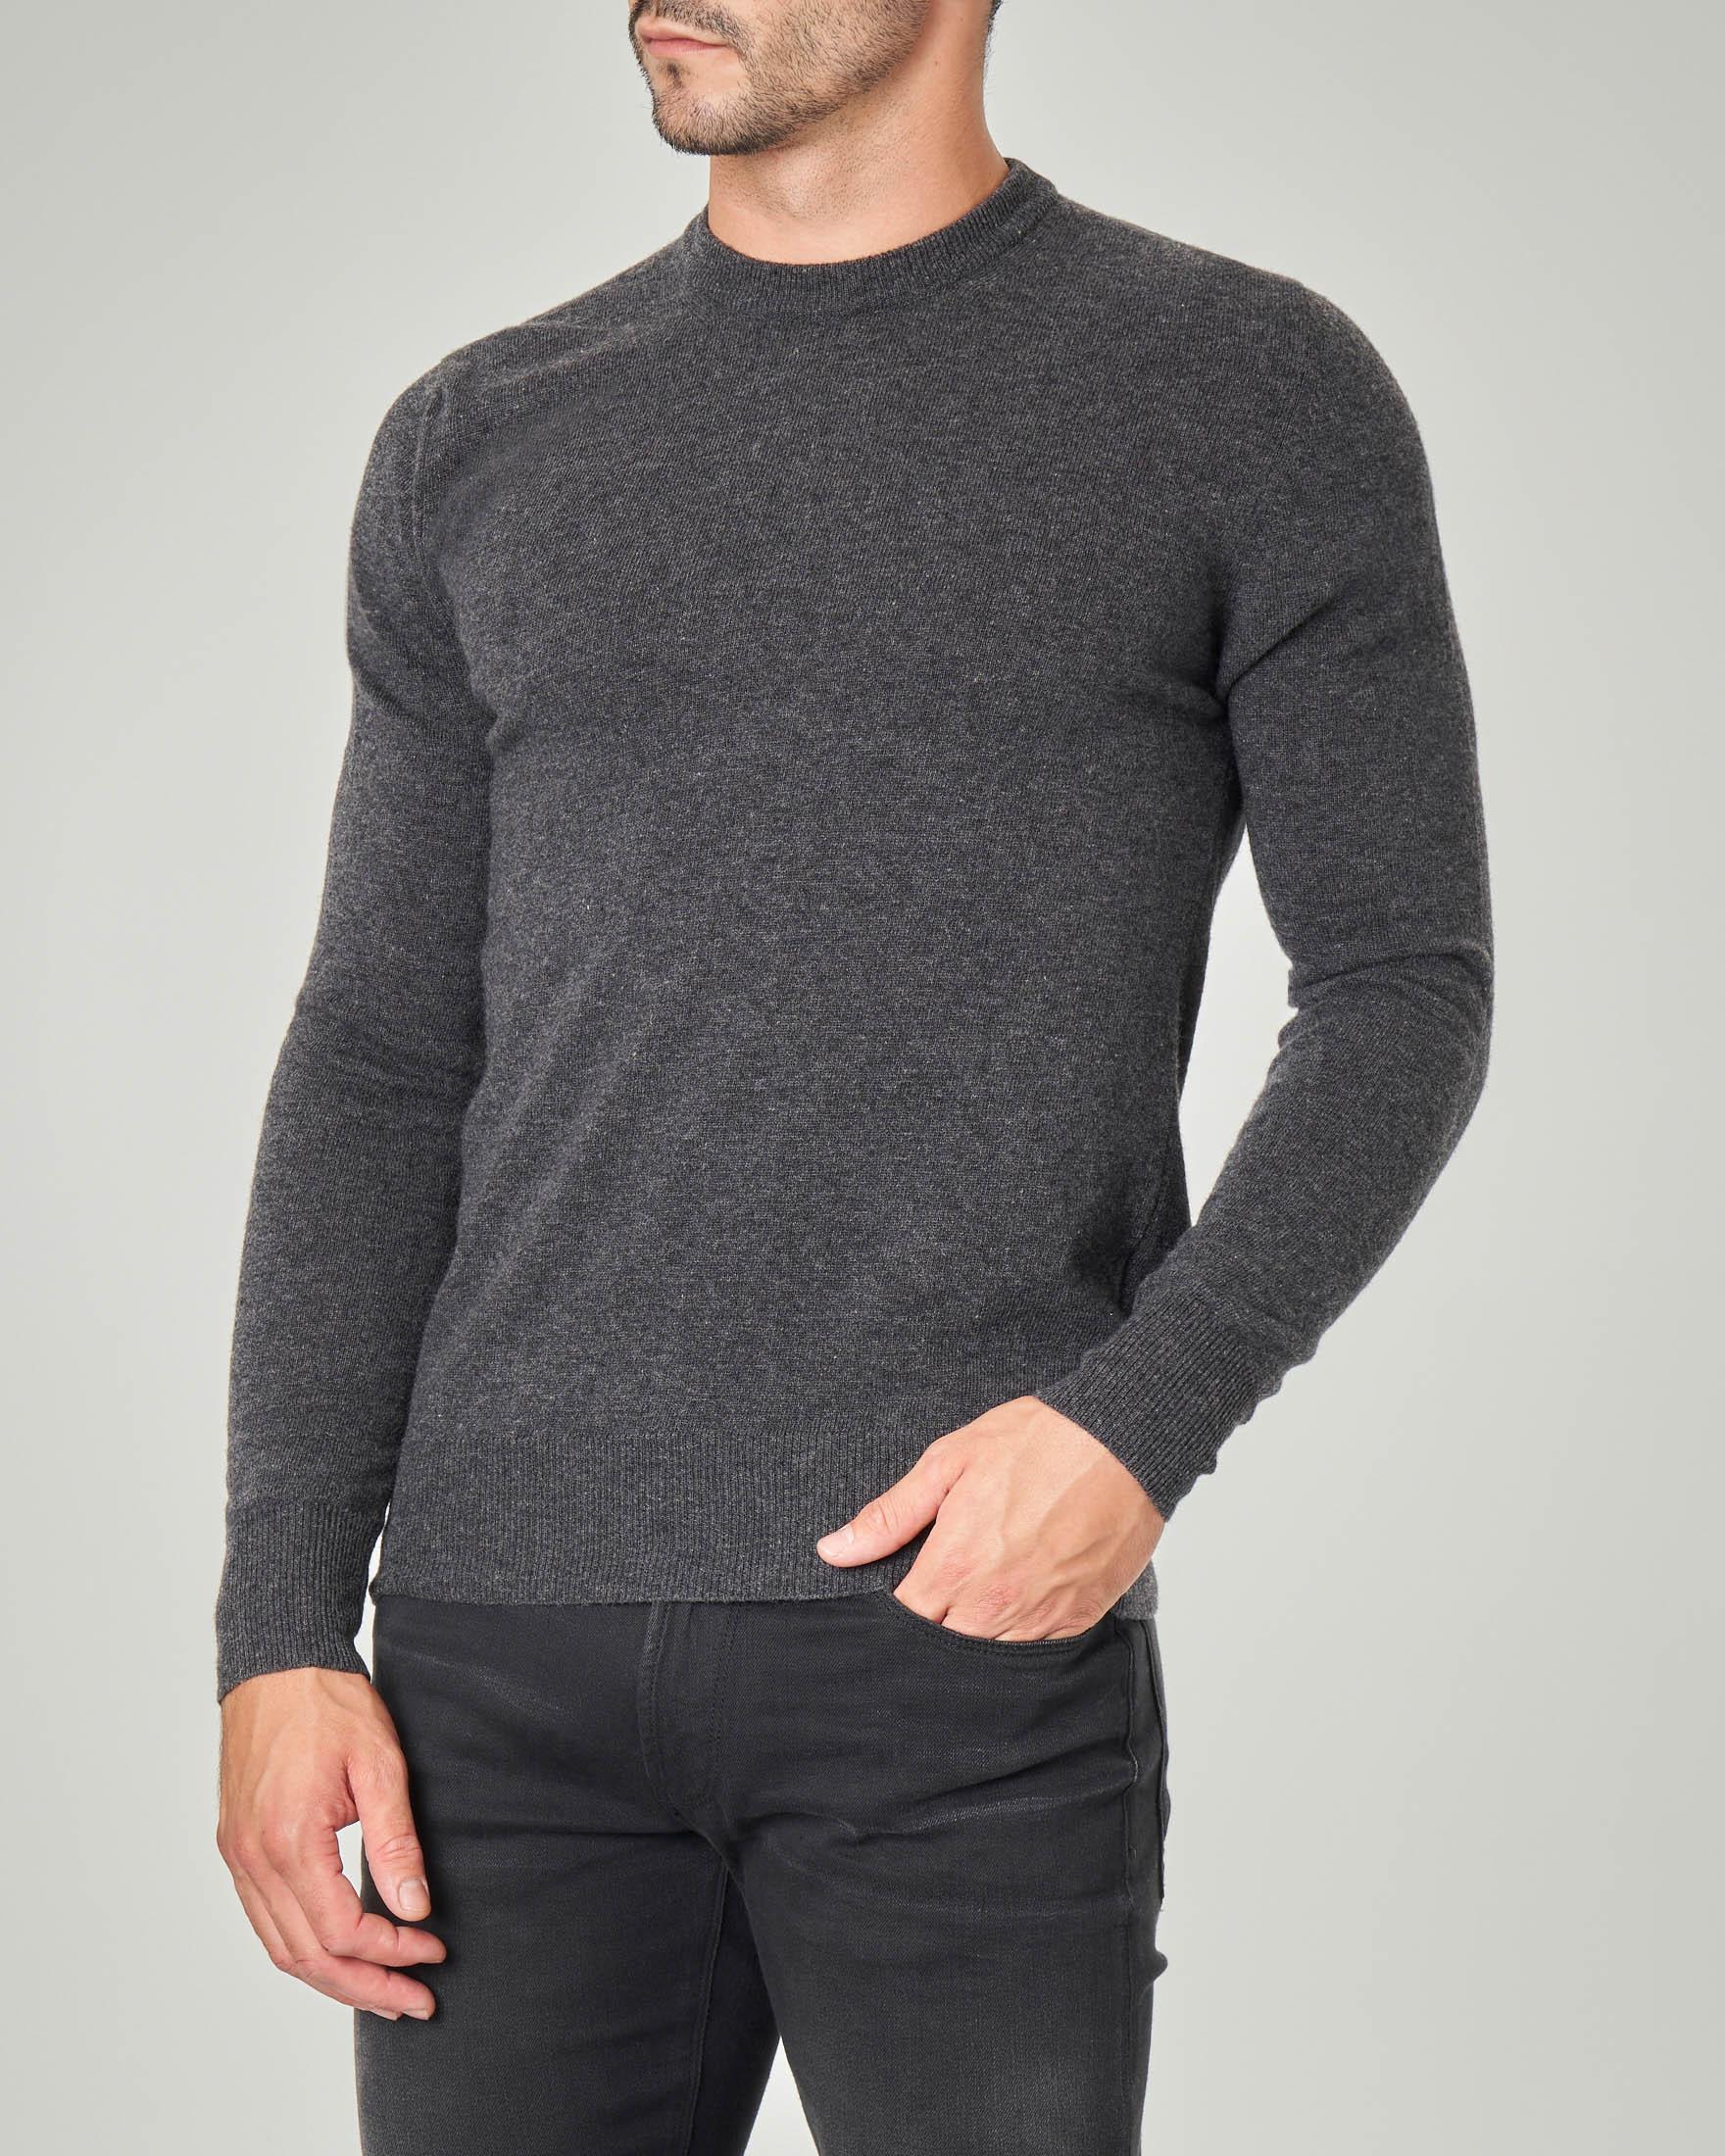 Maglia girocollo grigio antracite in pura lana